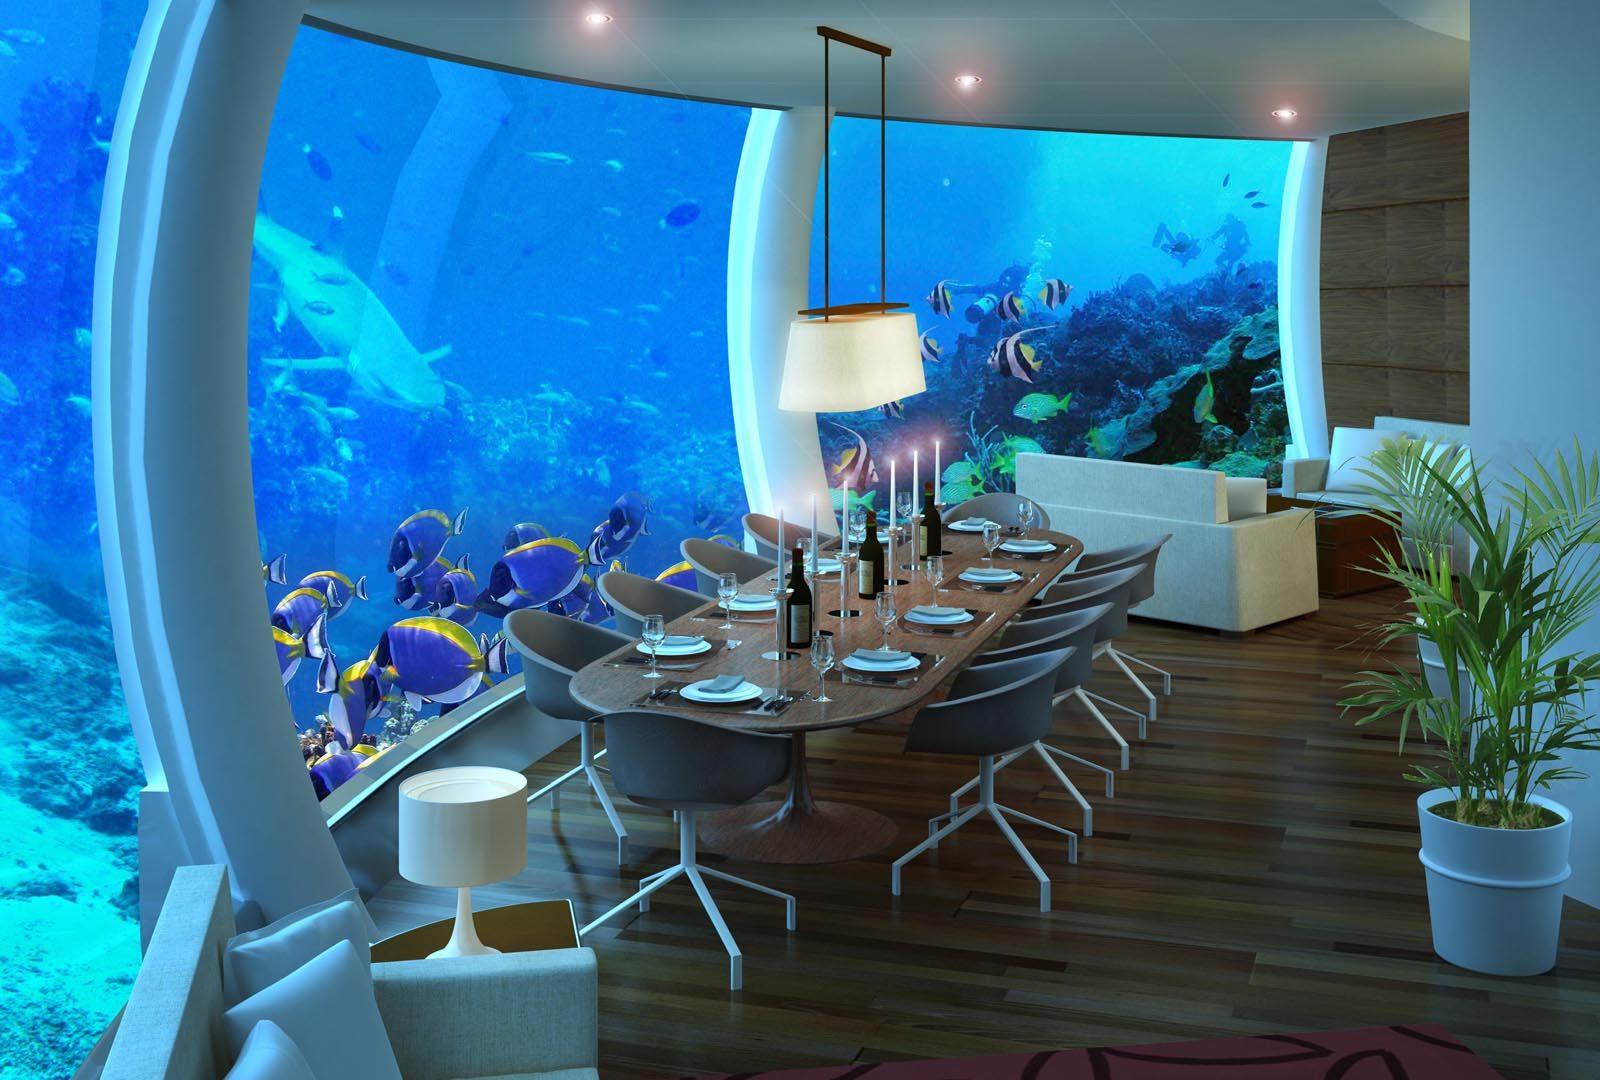 Tất cả 20 phòng của Poseidon đều được thiết kế theo kiểu mái vòm và lắp kính acrylic, nhằm khiến du khách cảm thấy như mình đang sống dưới đáy biển.